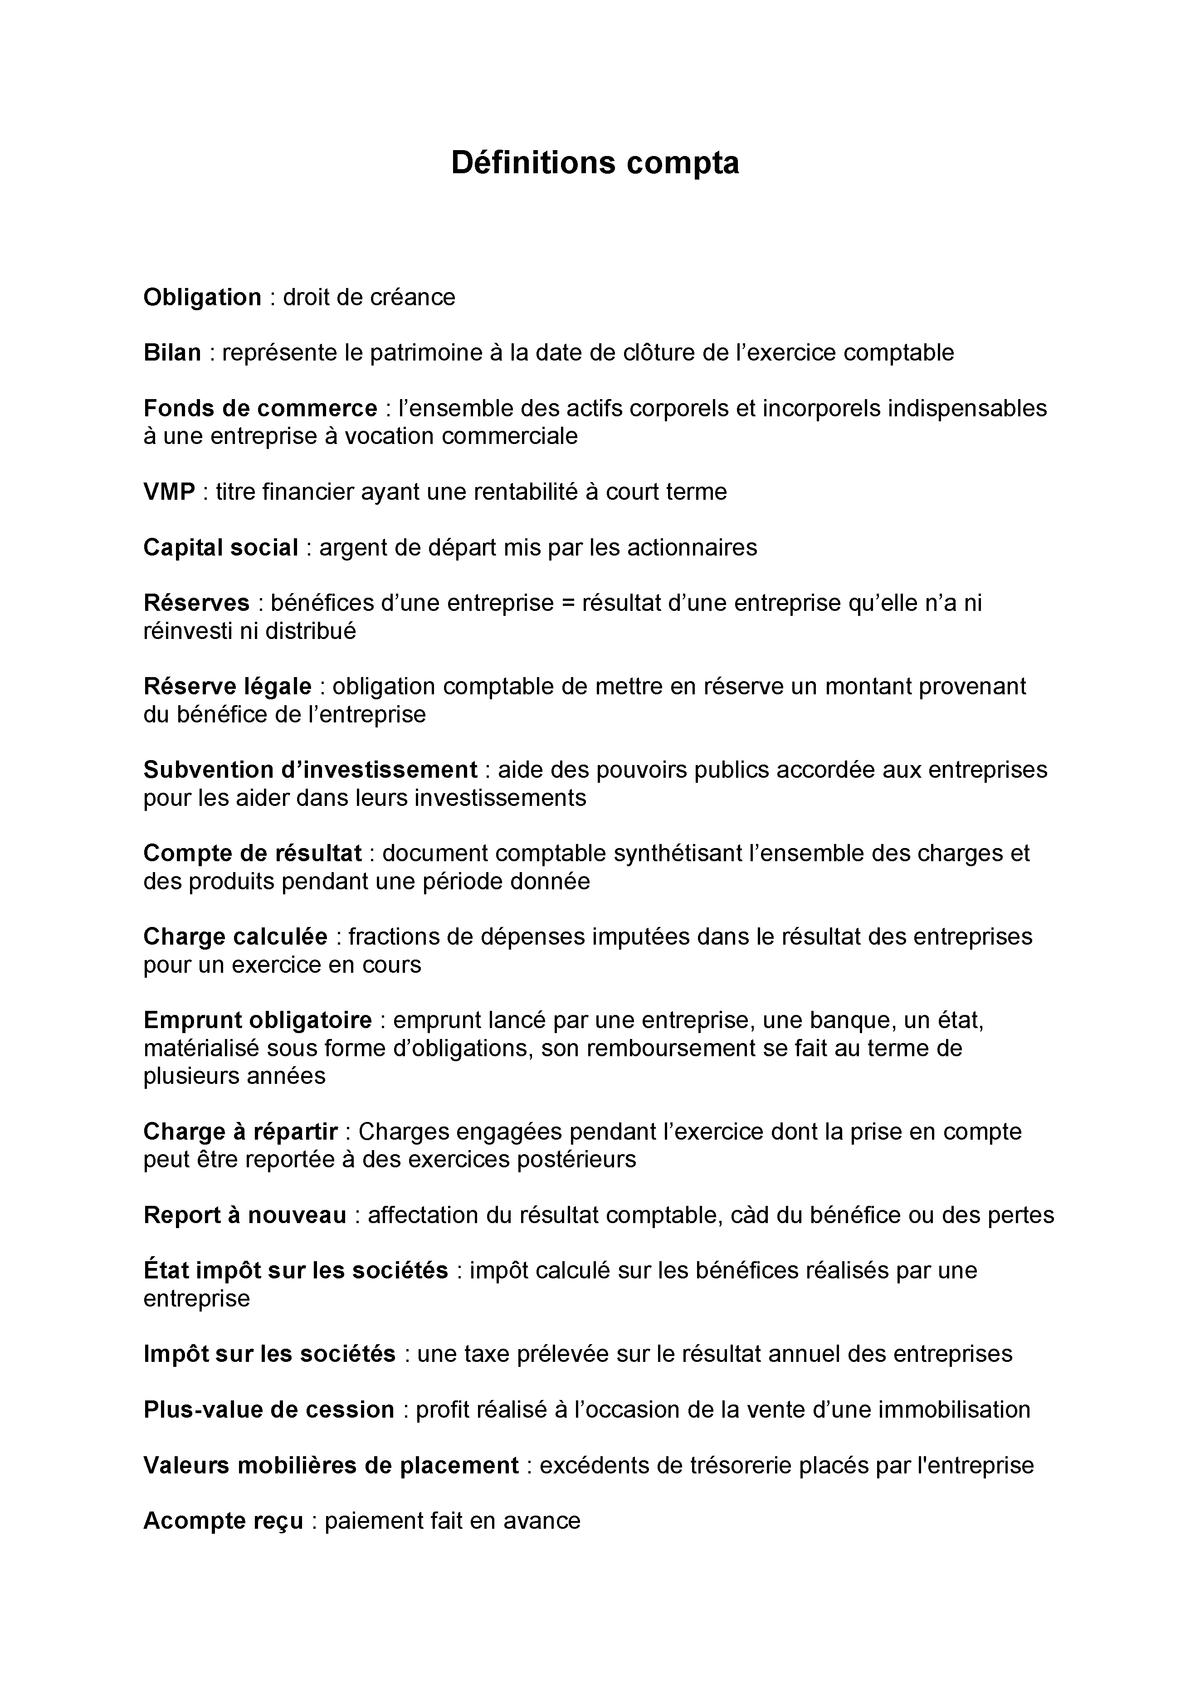 Definitions Comptabilite Kedge Studocu